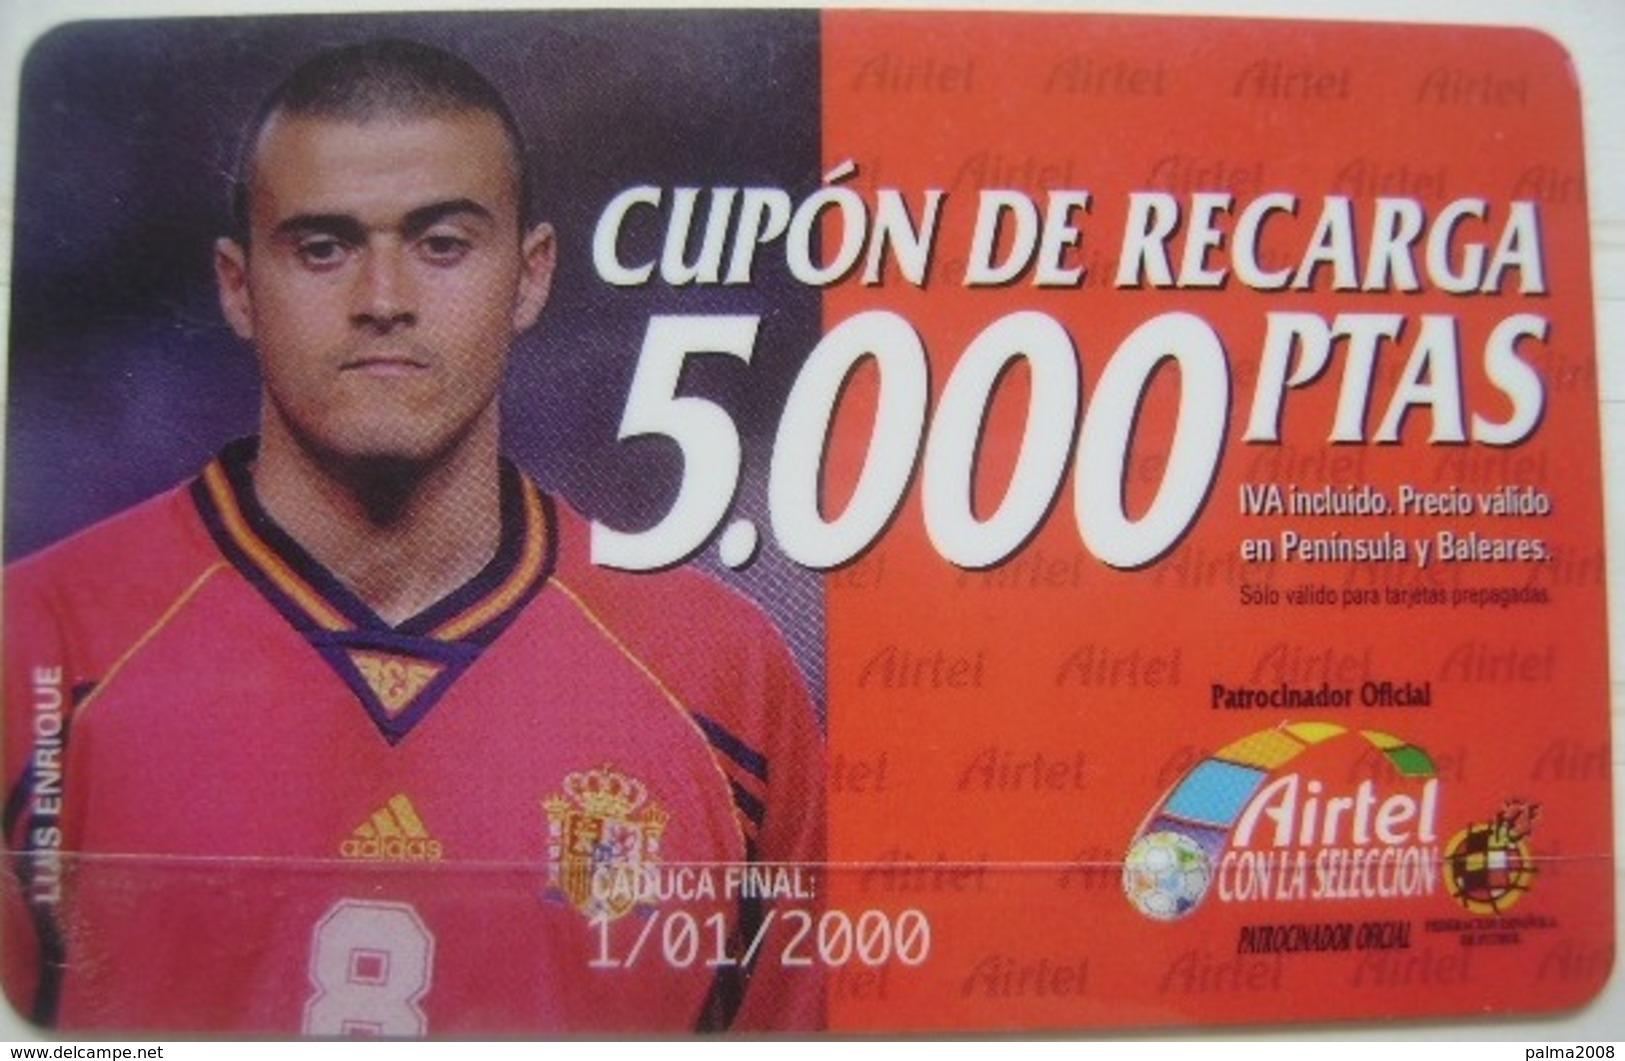 AIRTEL - LUIS ENRIQUE CUPON DE 5000 PTS - USADA 1ª CALIDAD LA DE LA FOTO - A699 - Airtel